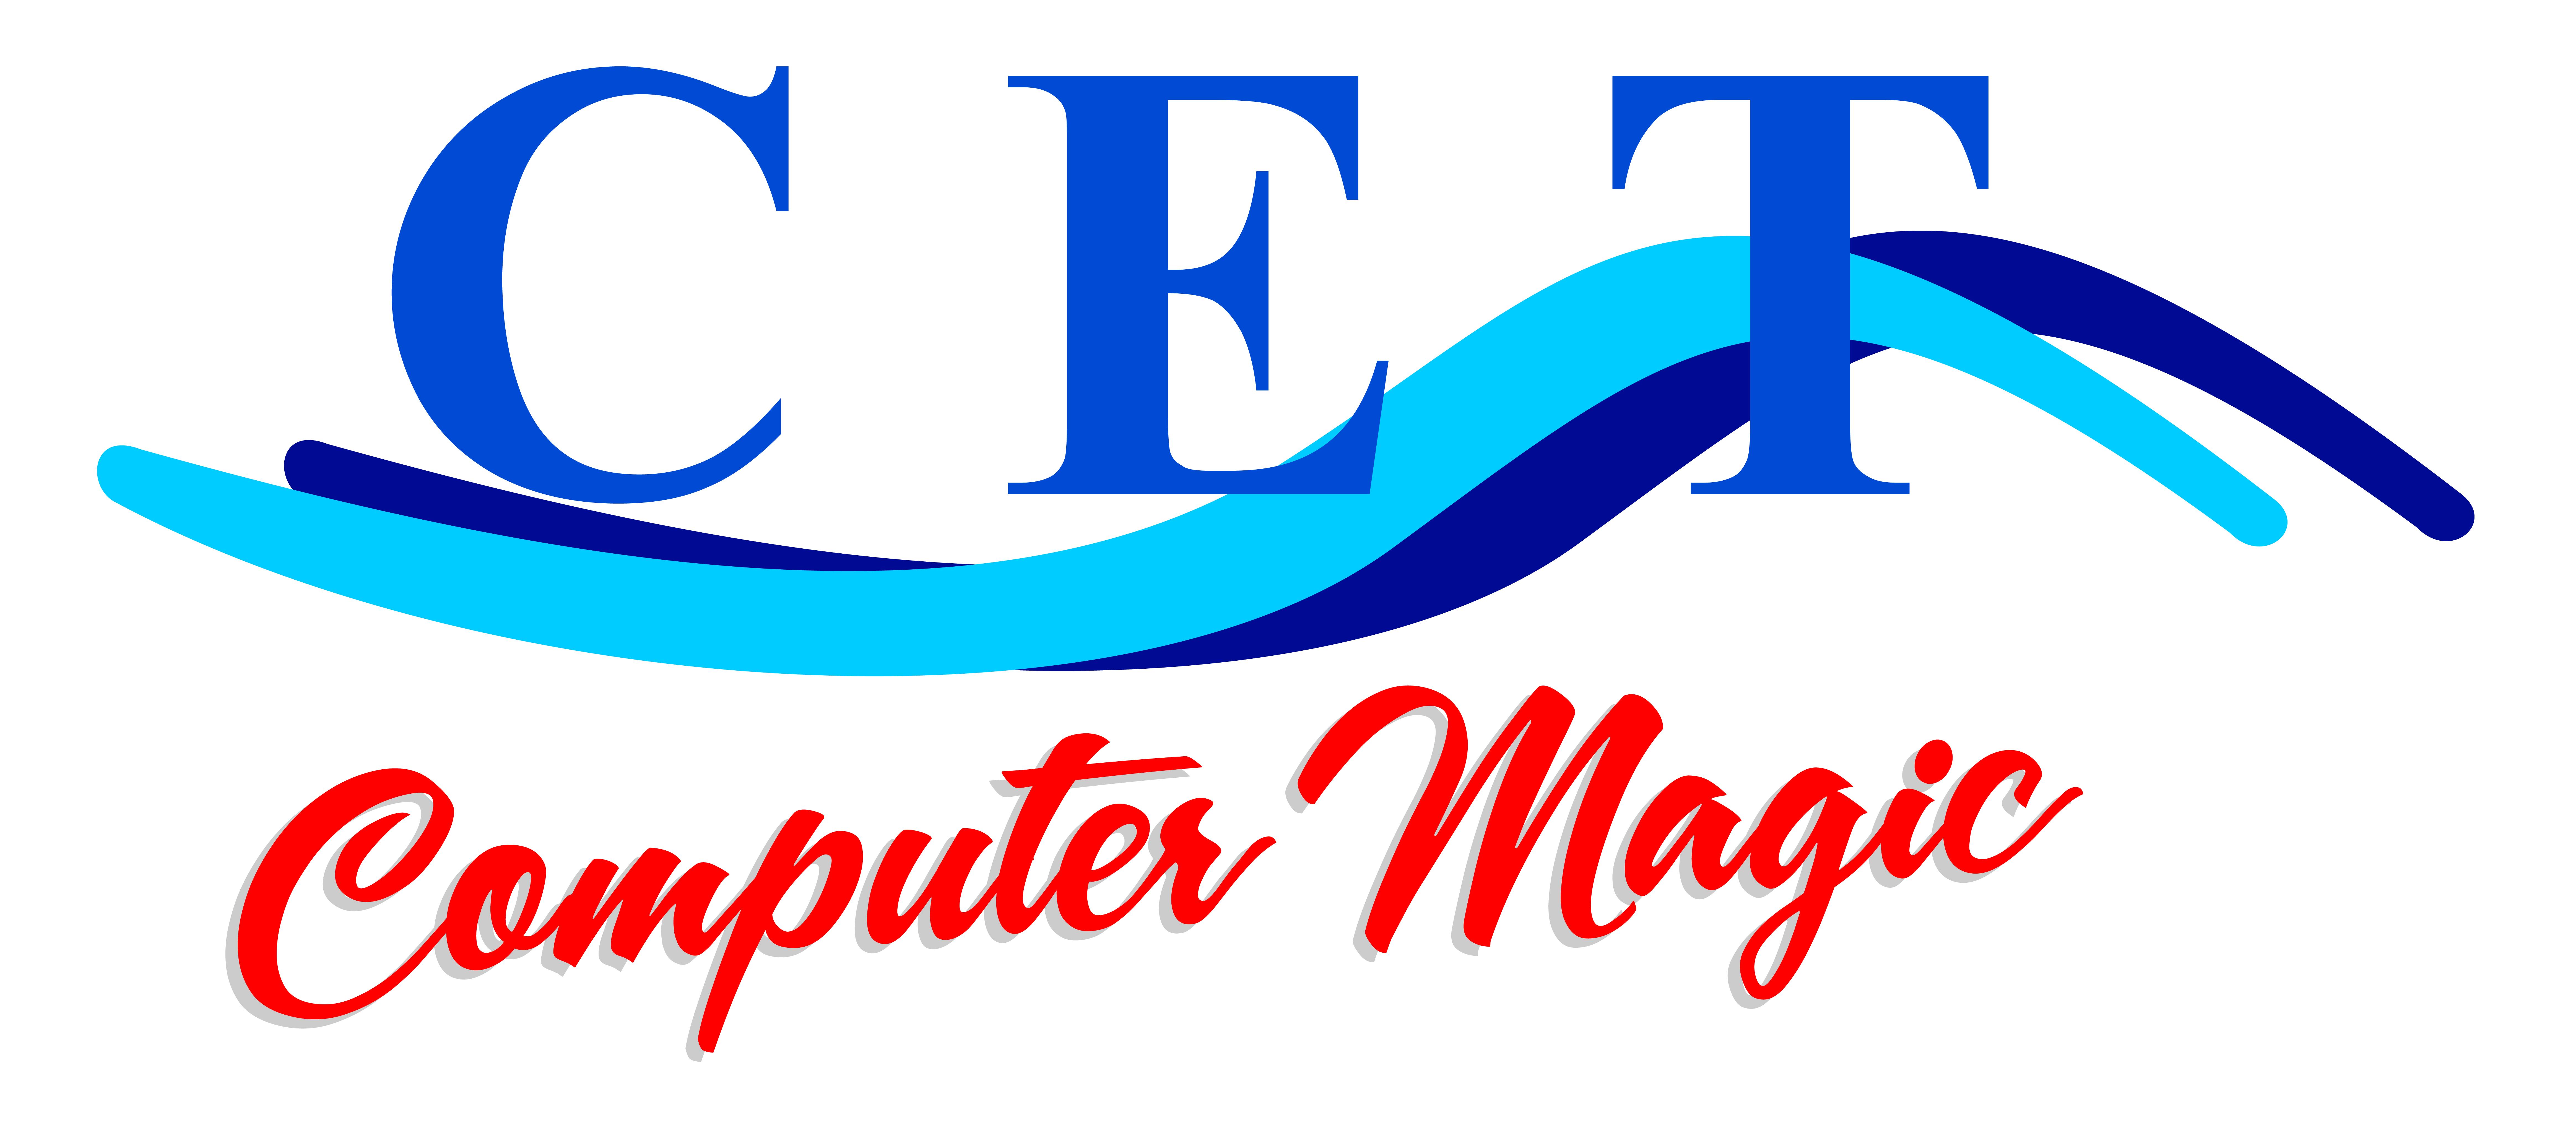 CET Computer Magic Logo